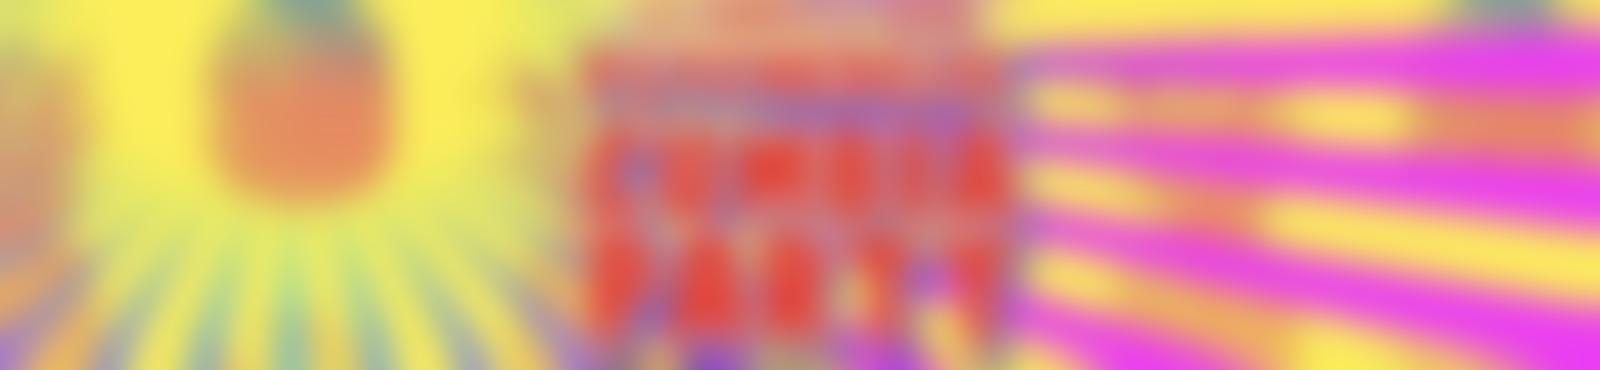 Blurred 5590b8c3 5198 4dd5 bd93 22034c41d77b